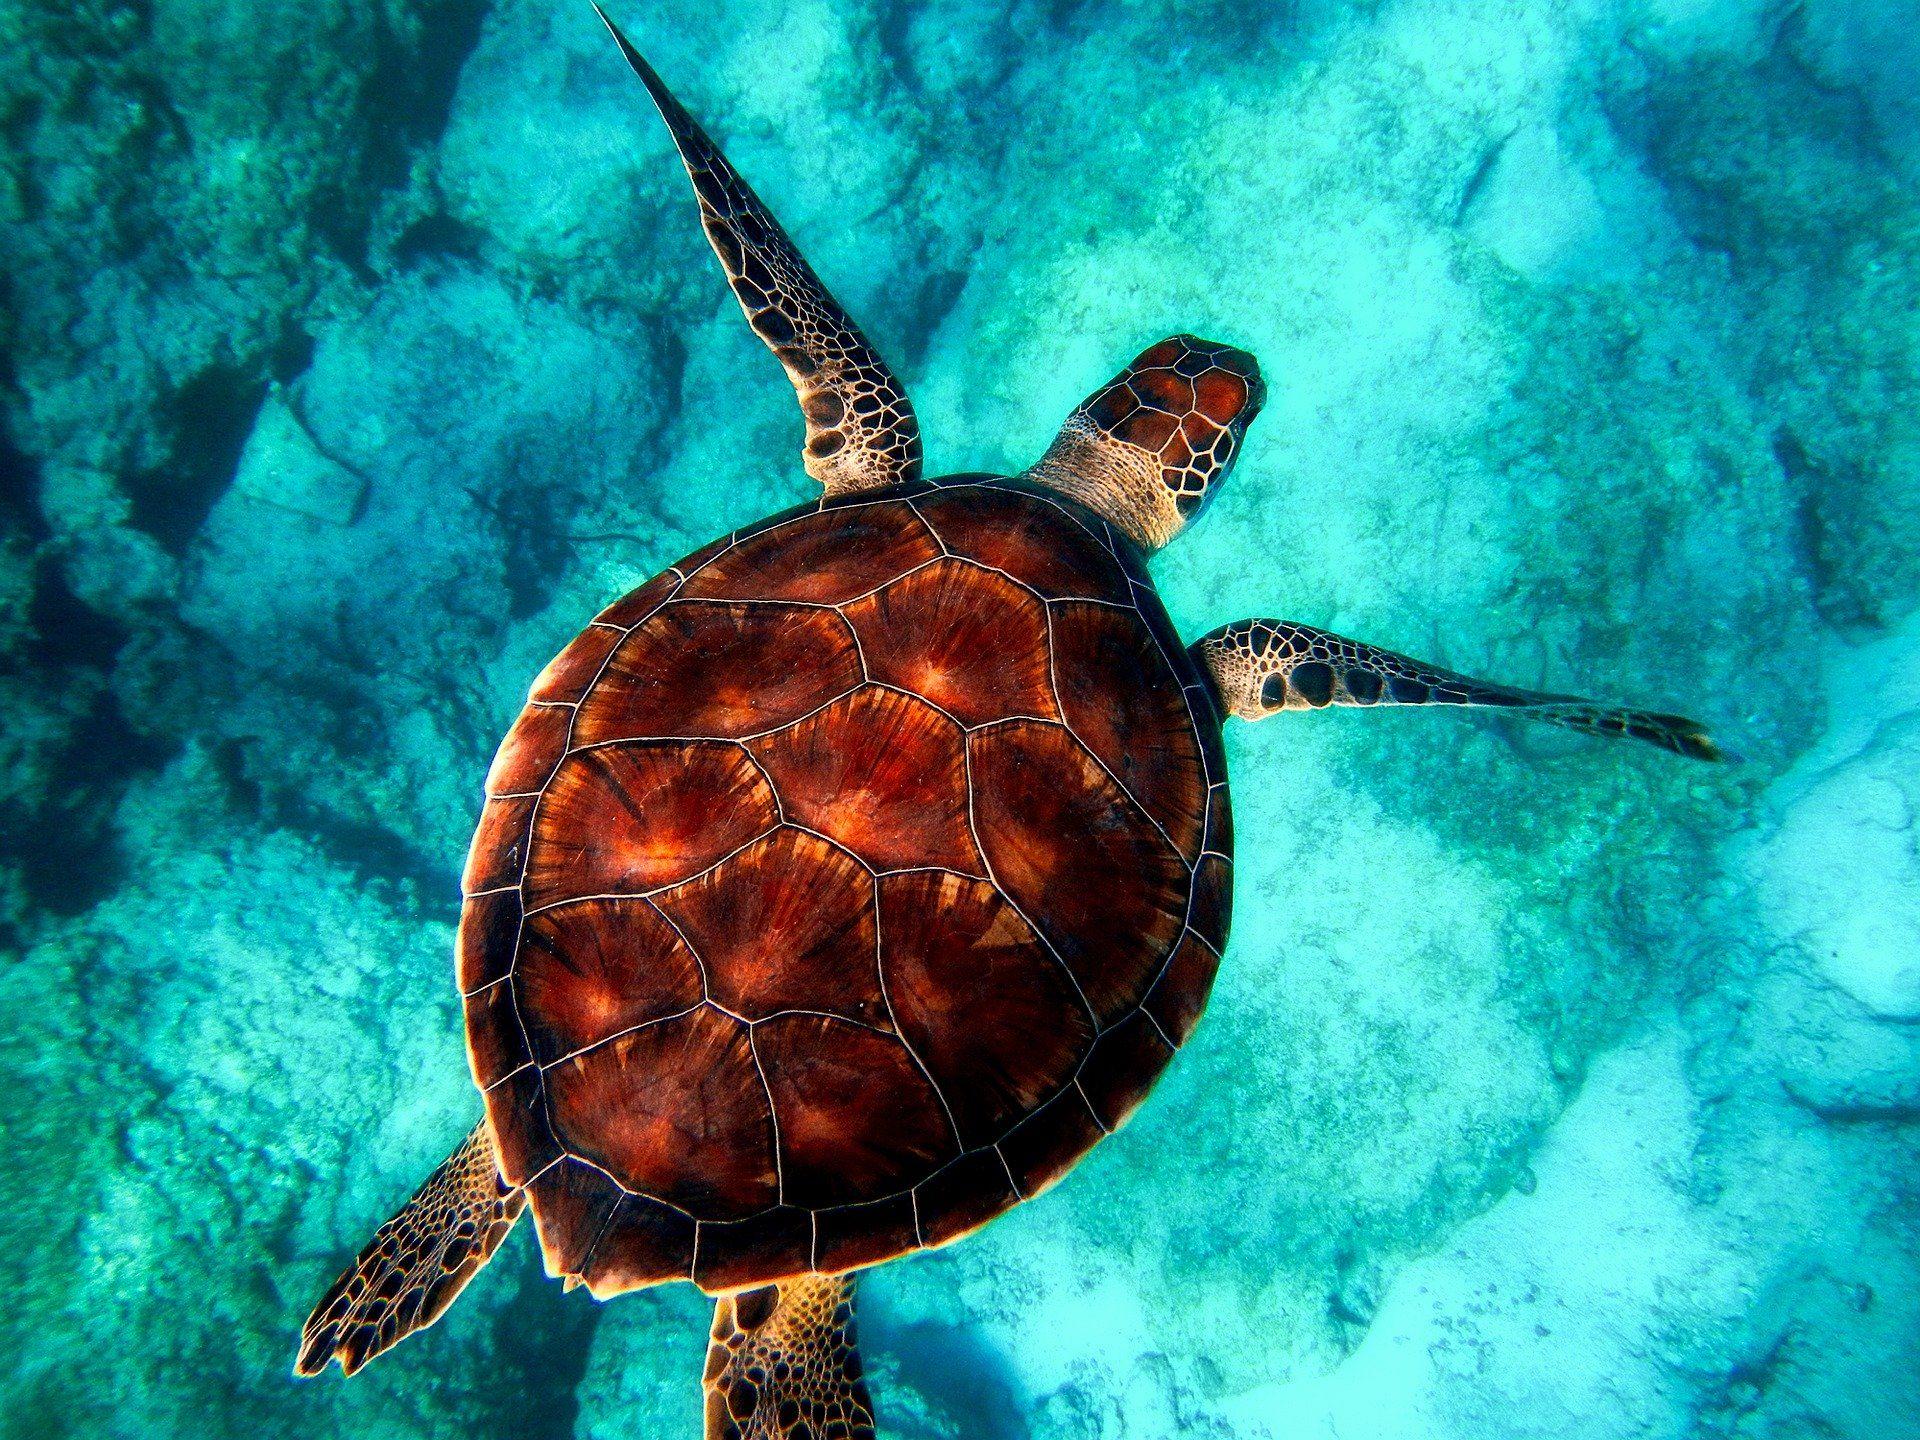 Смотреть интересное фото трех черепах